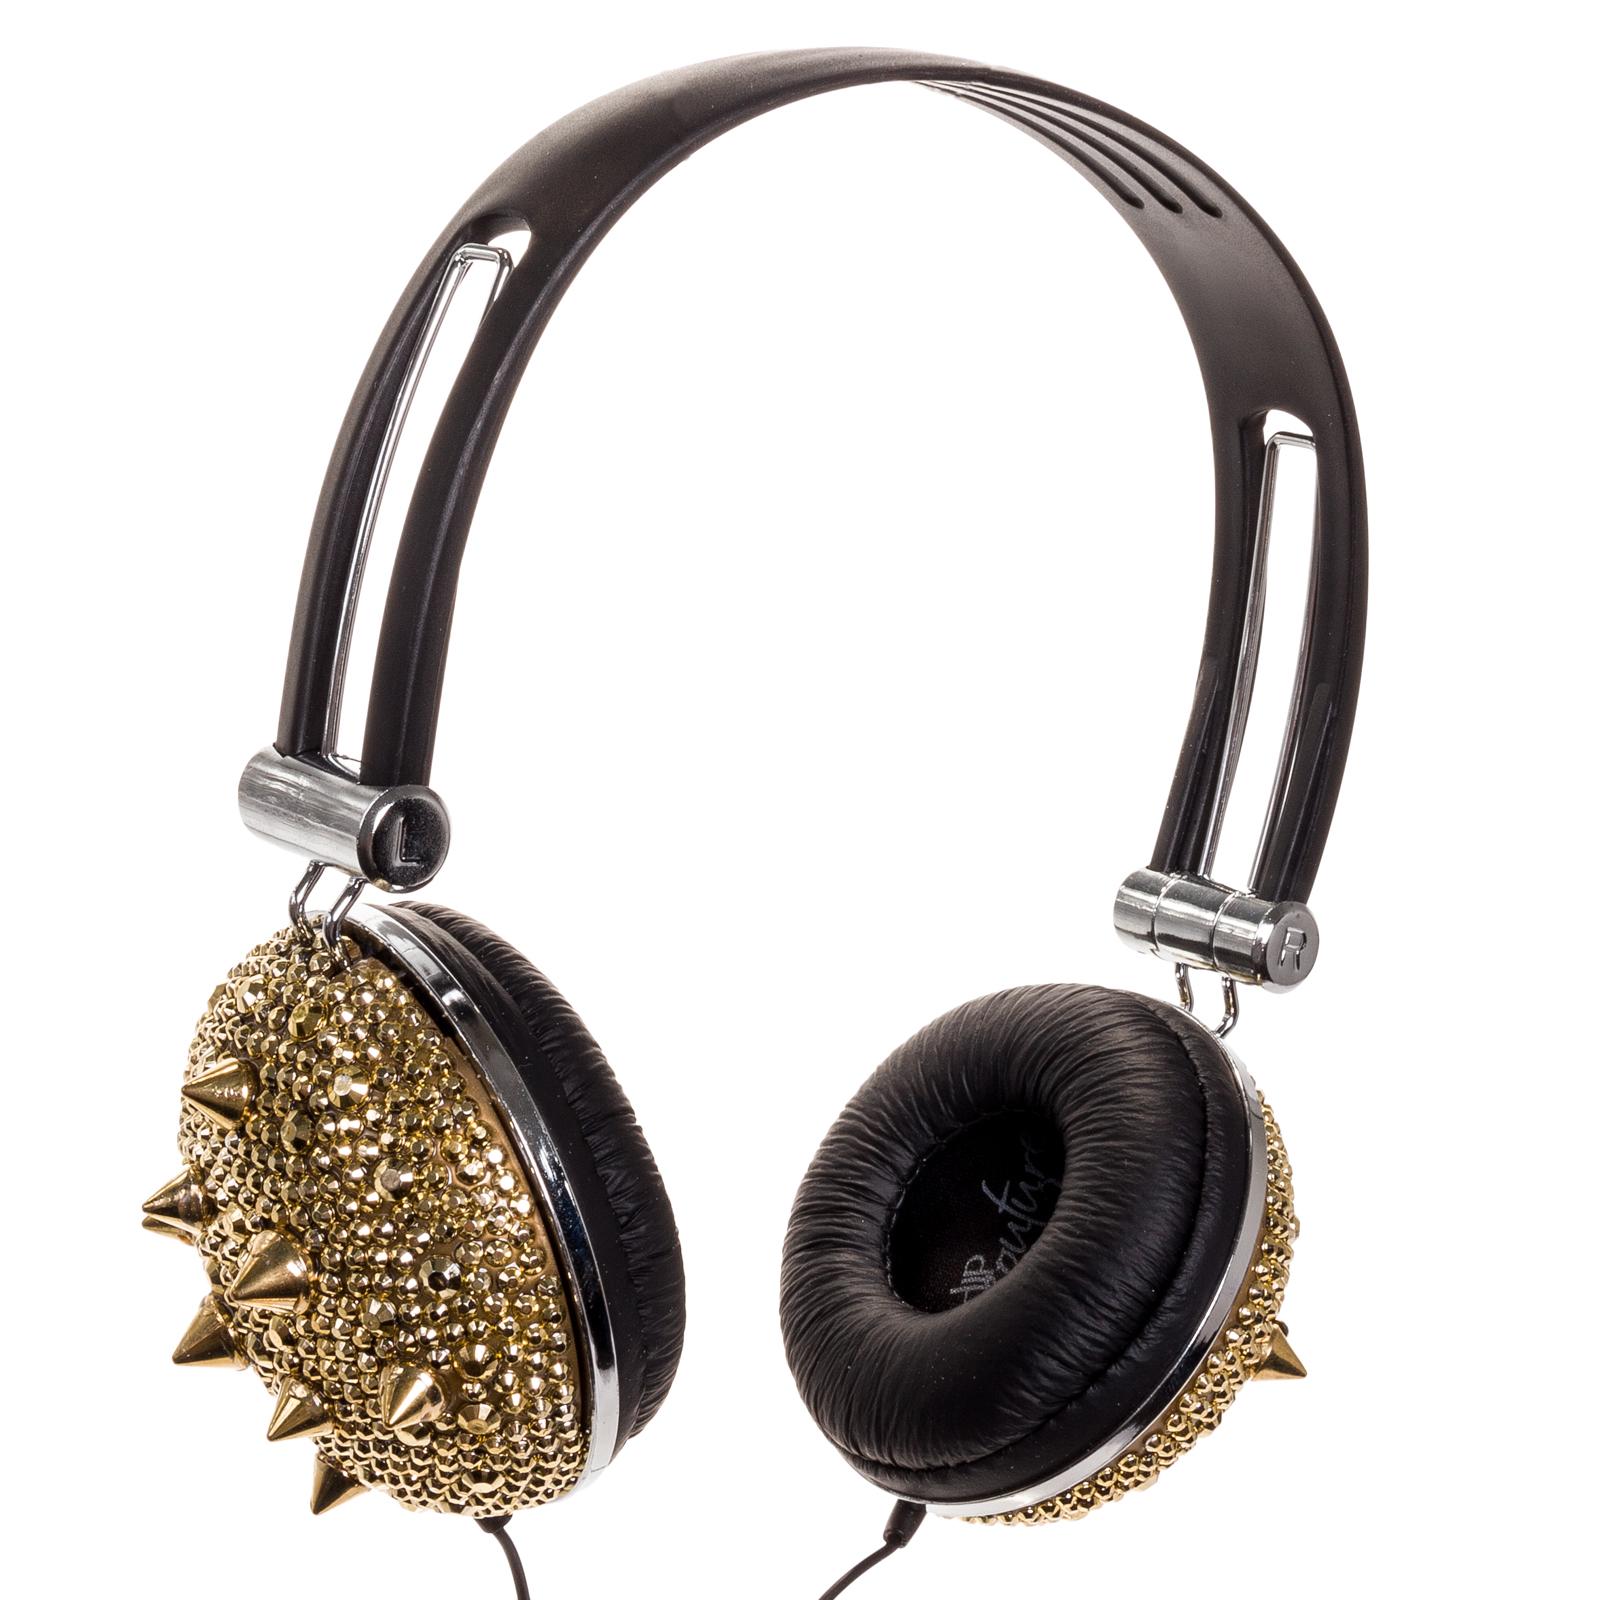 HDJ-1000 Limited - Professional DJ Headphones   Pioneer ...